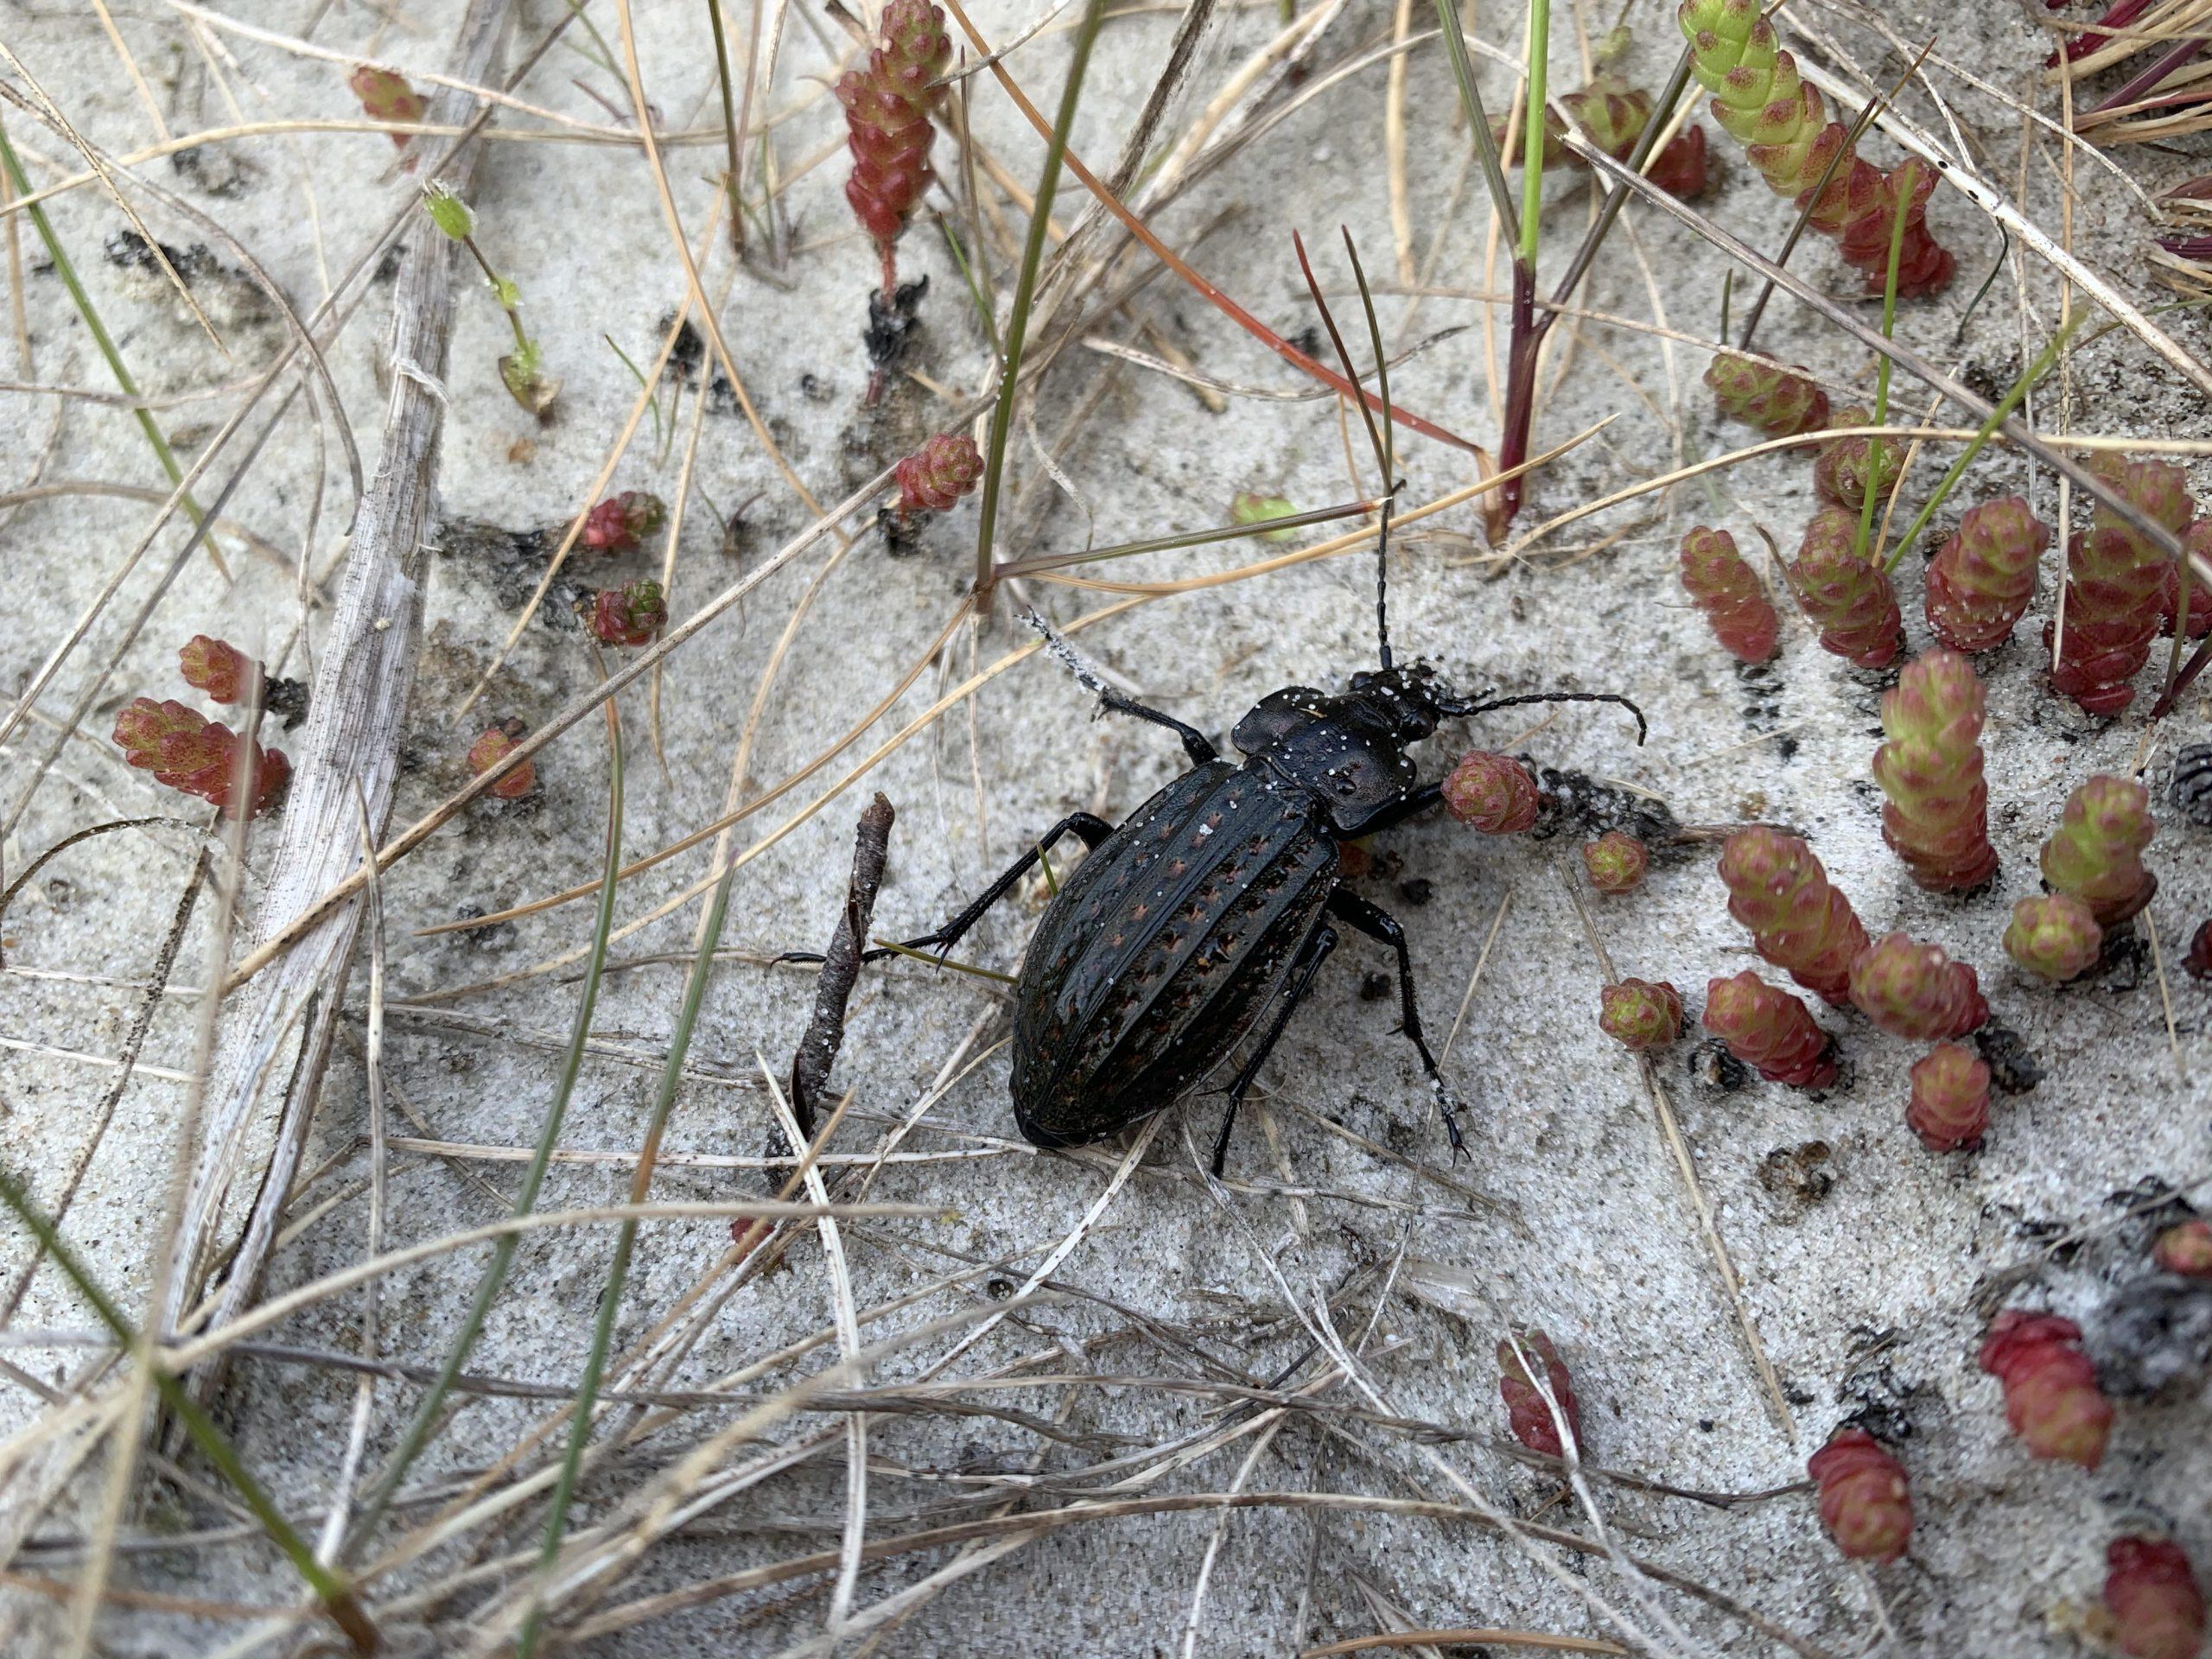 Einblicke in die Käferwelt